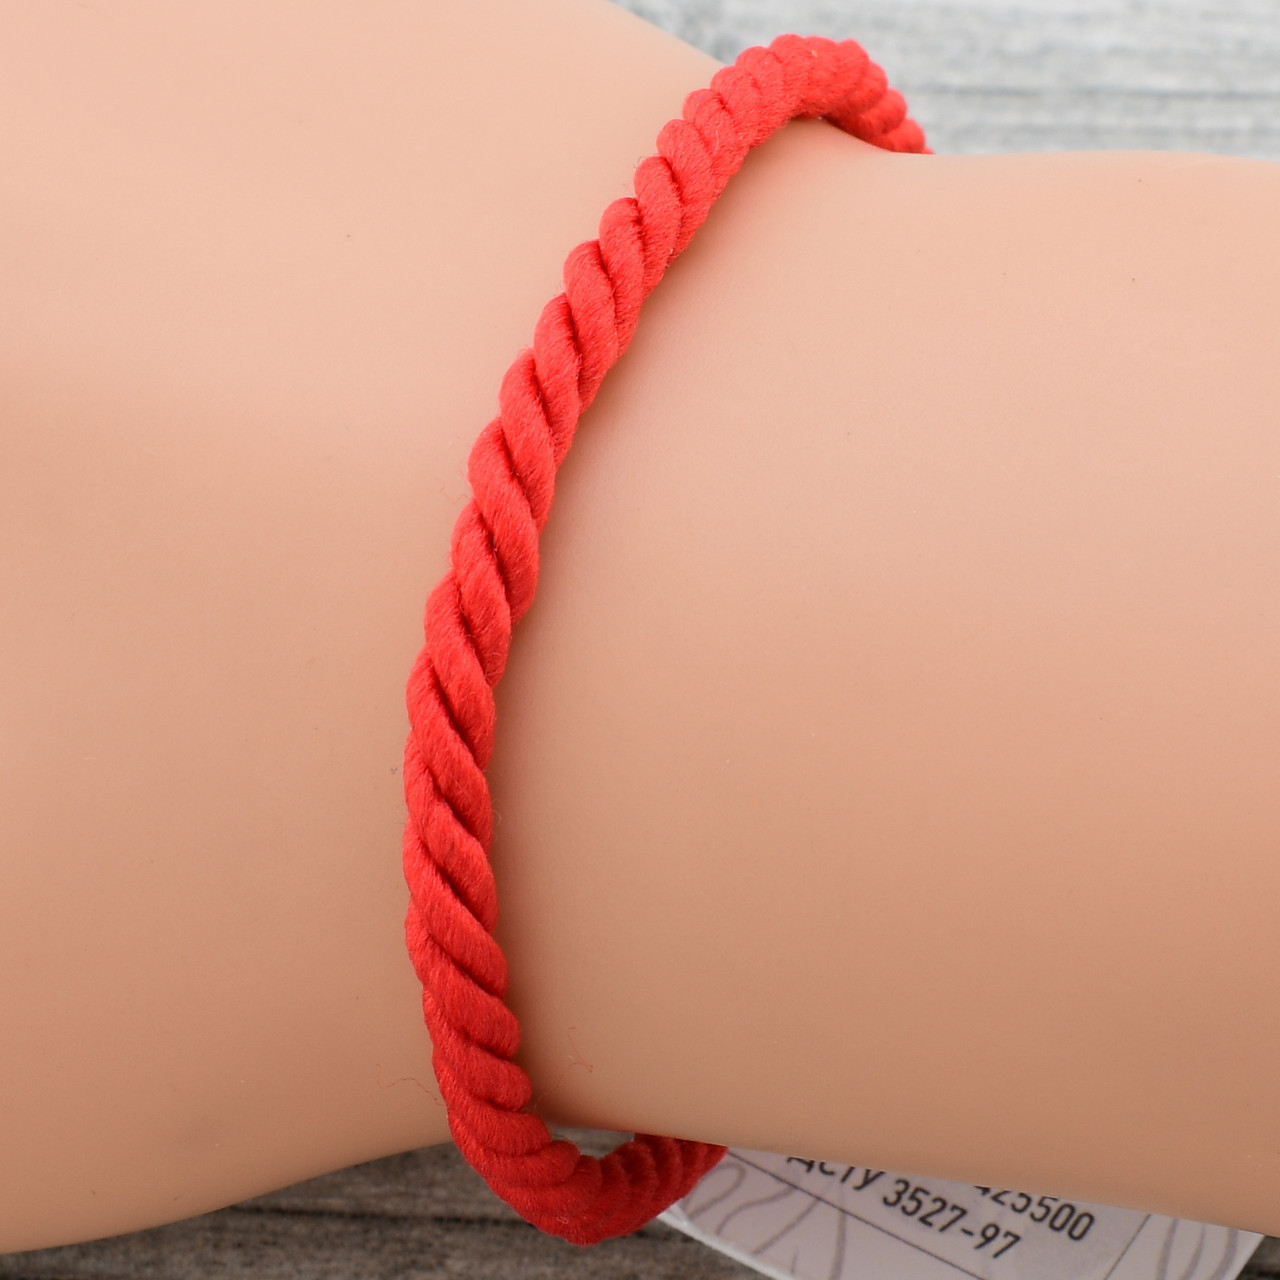 Серебряный браслет оберег плетённый П4036 длина 19 см ширина 3 мм вес 0.8 г